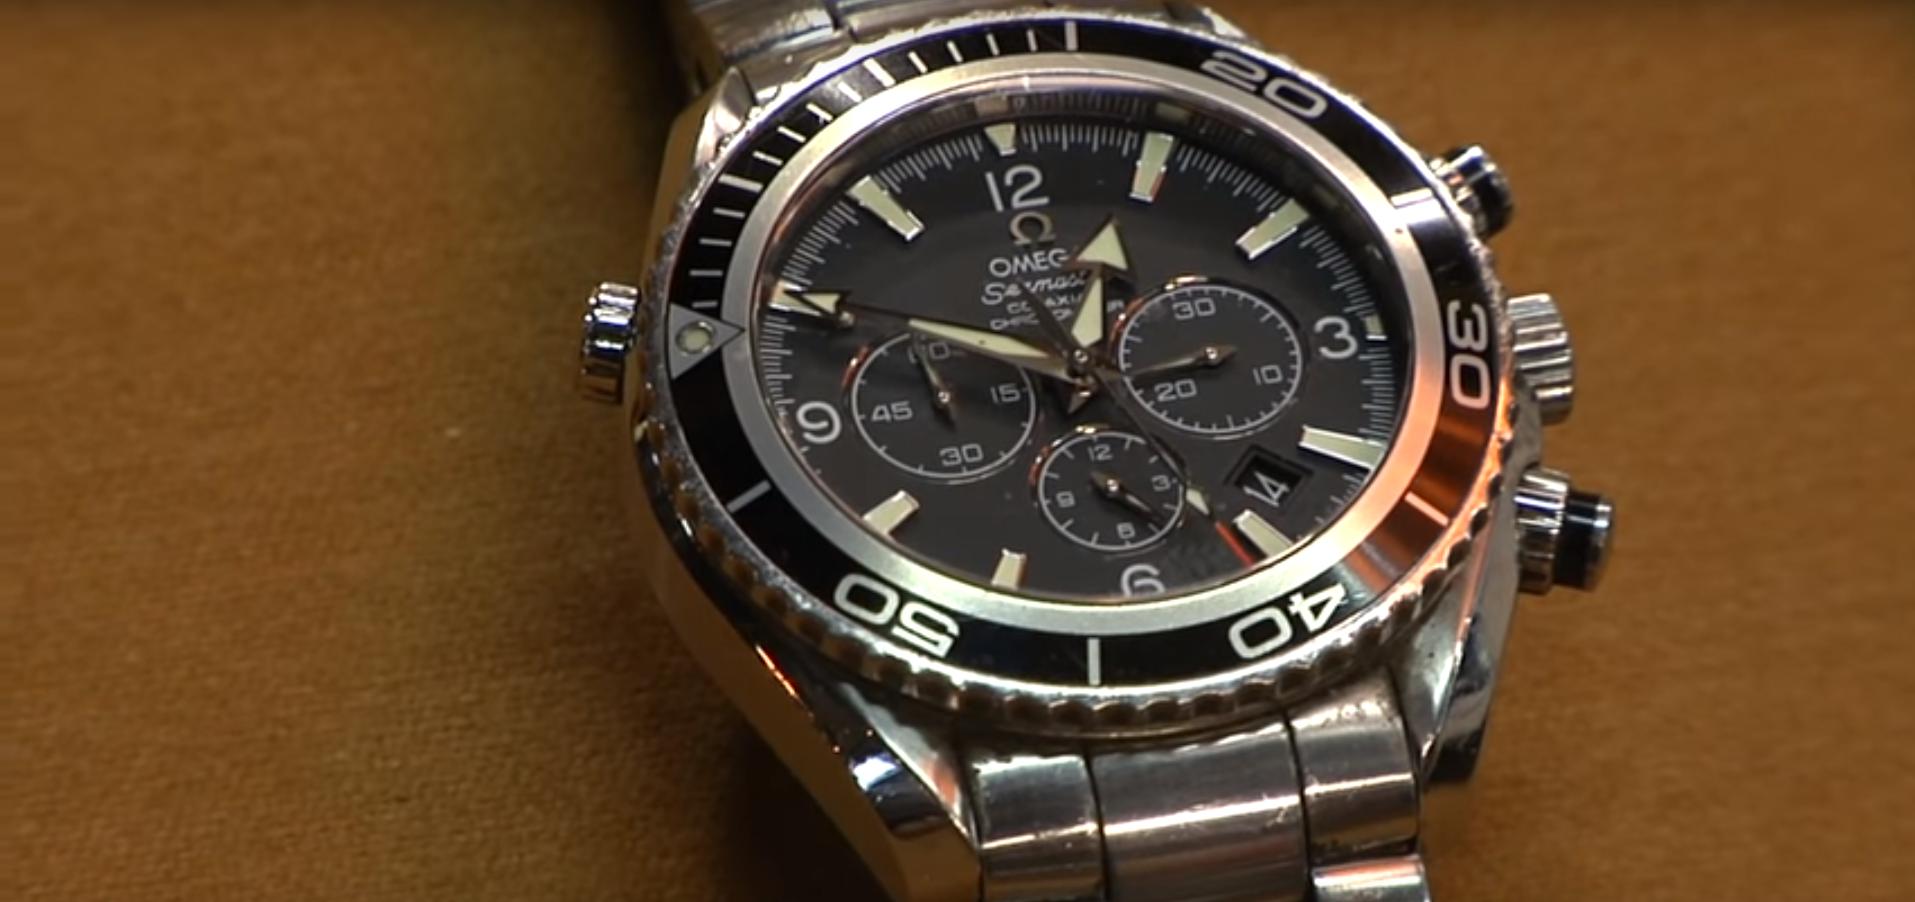 What Watch Does Adam Savage Wear?